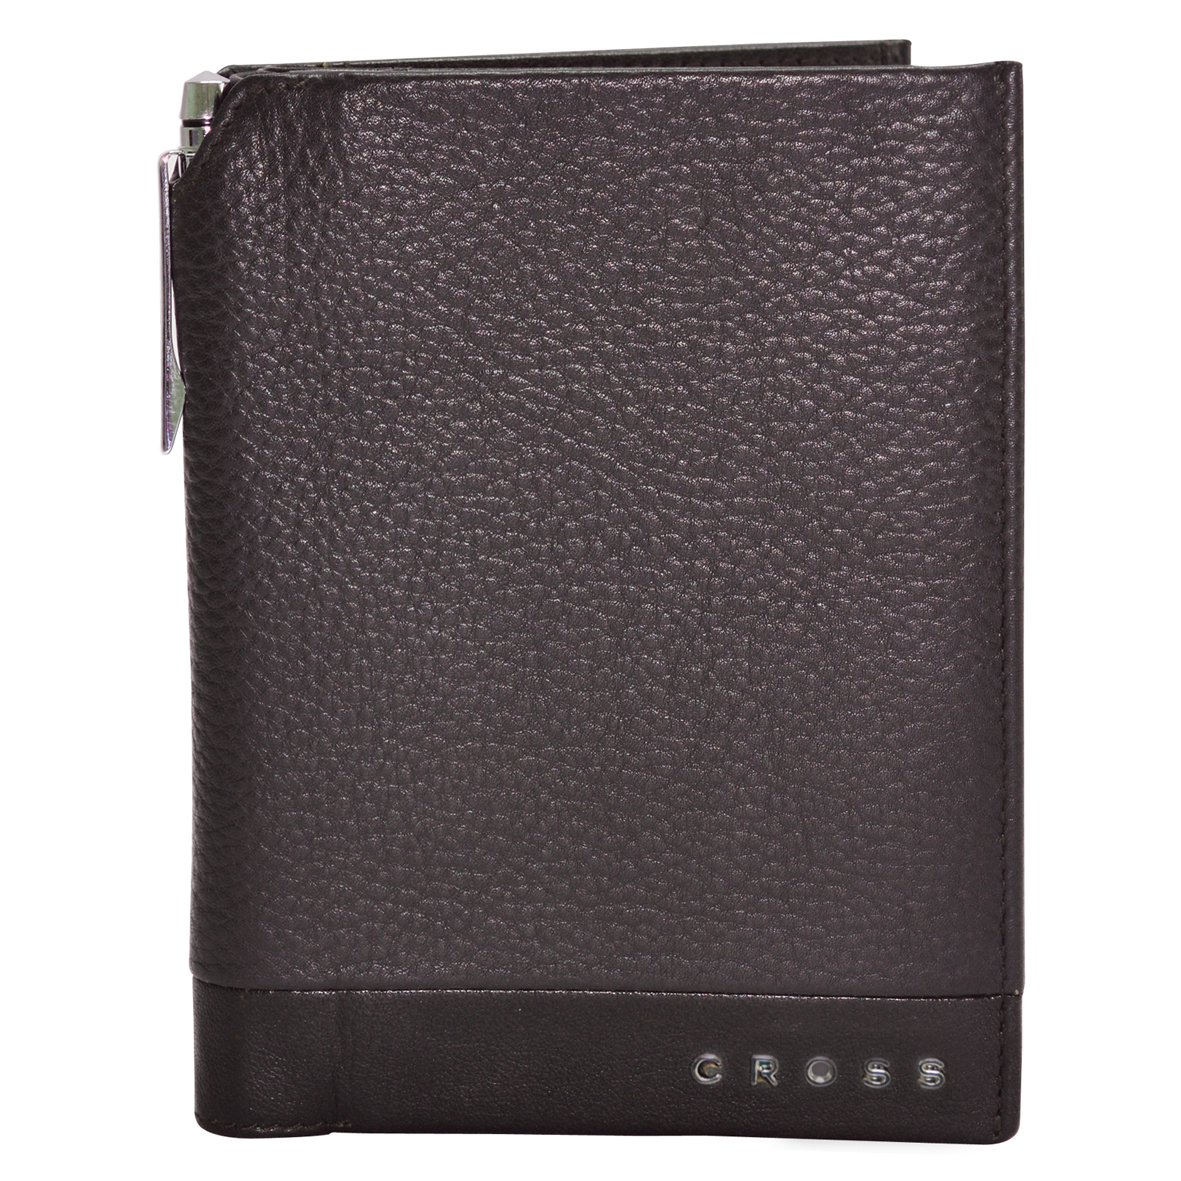 Обложка для документов мужская Cross, цвет: коричневый. AC028389-2A52_108Обложка для документов. Пять отделений для кредитных карт. Один карман-клапан. Универсальный карман. Ручка Cross.